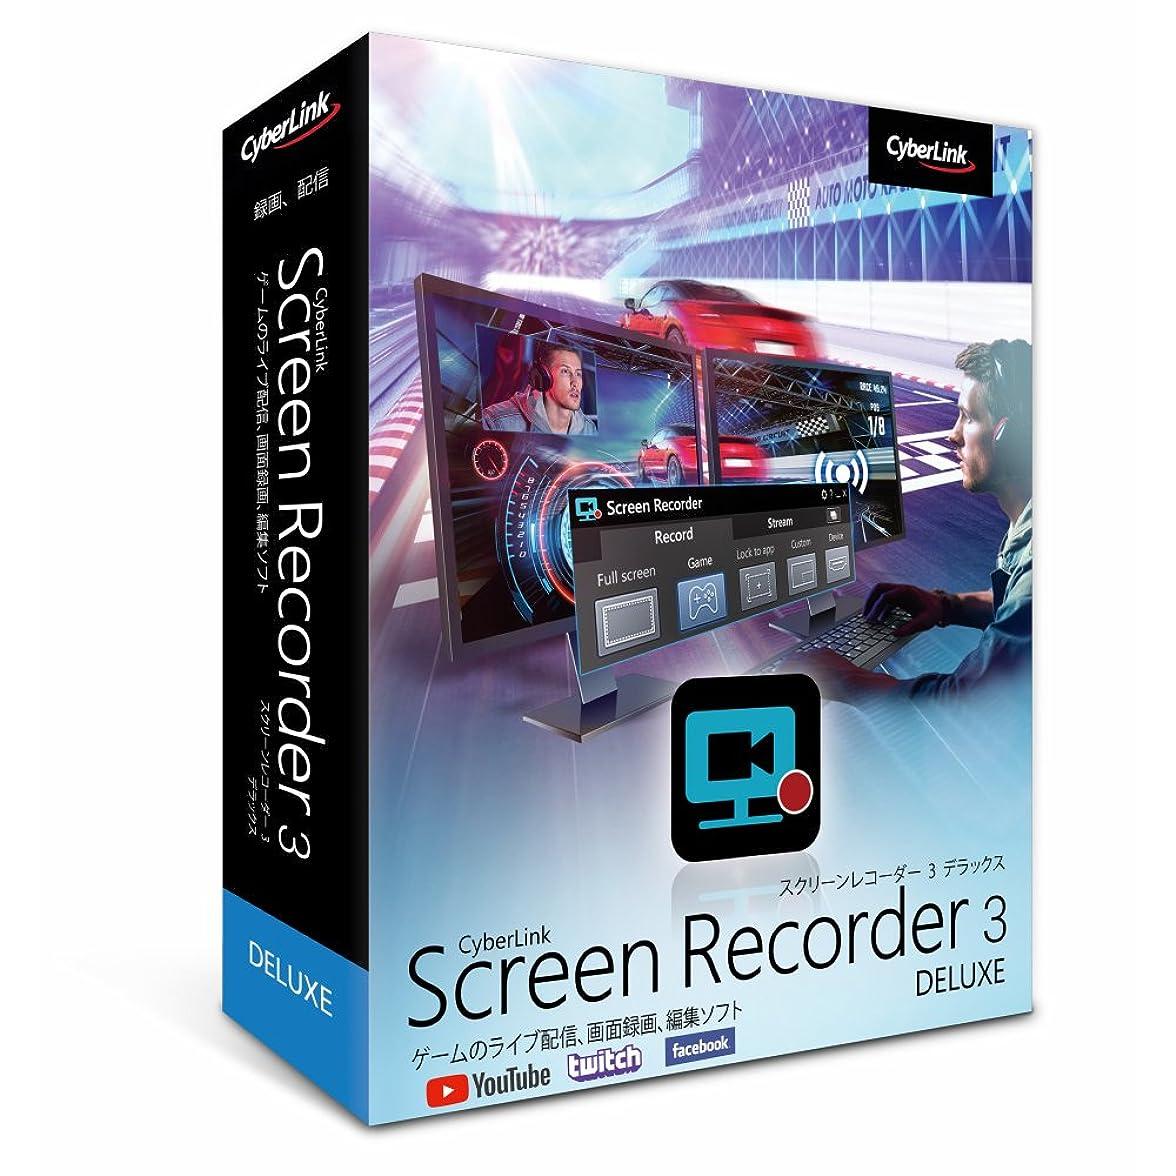 祈る診療所ウェイドサイバーリンク Screen Recorder 3 Deluxe 通常版